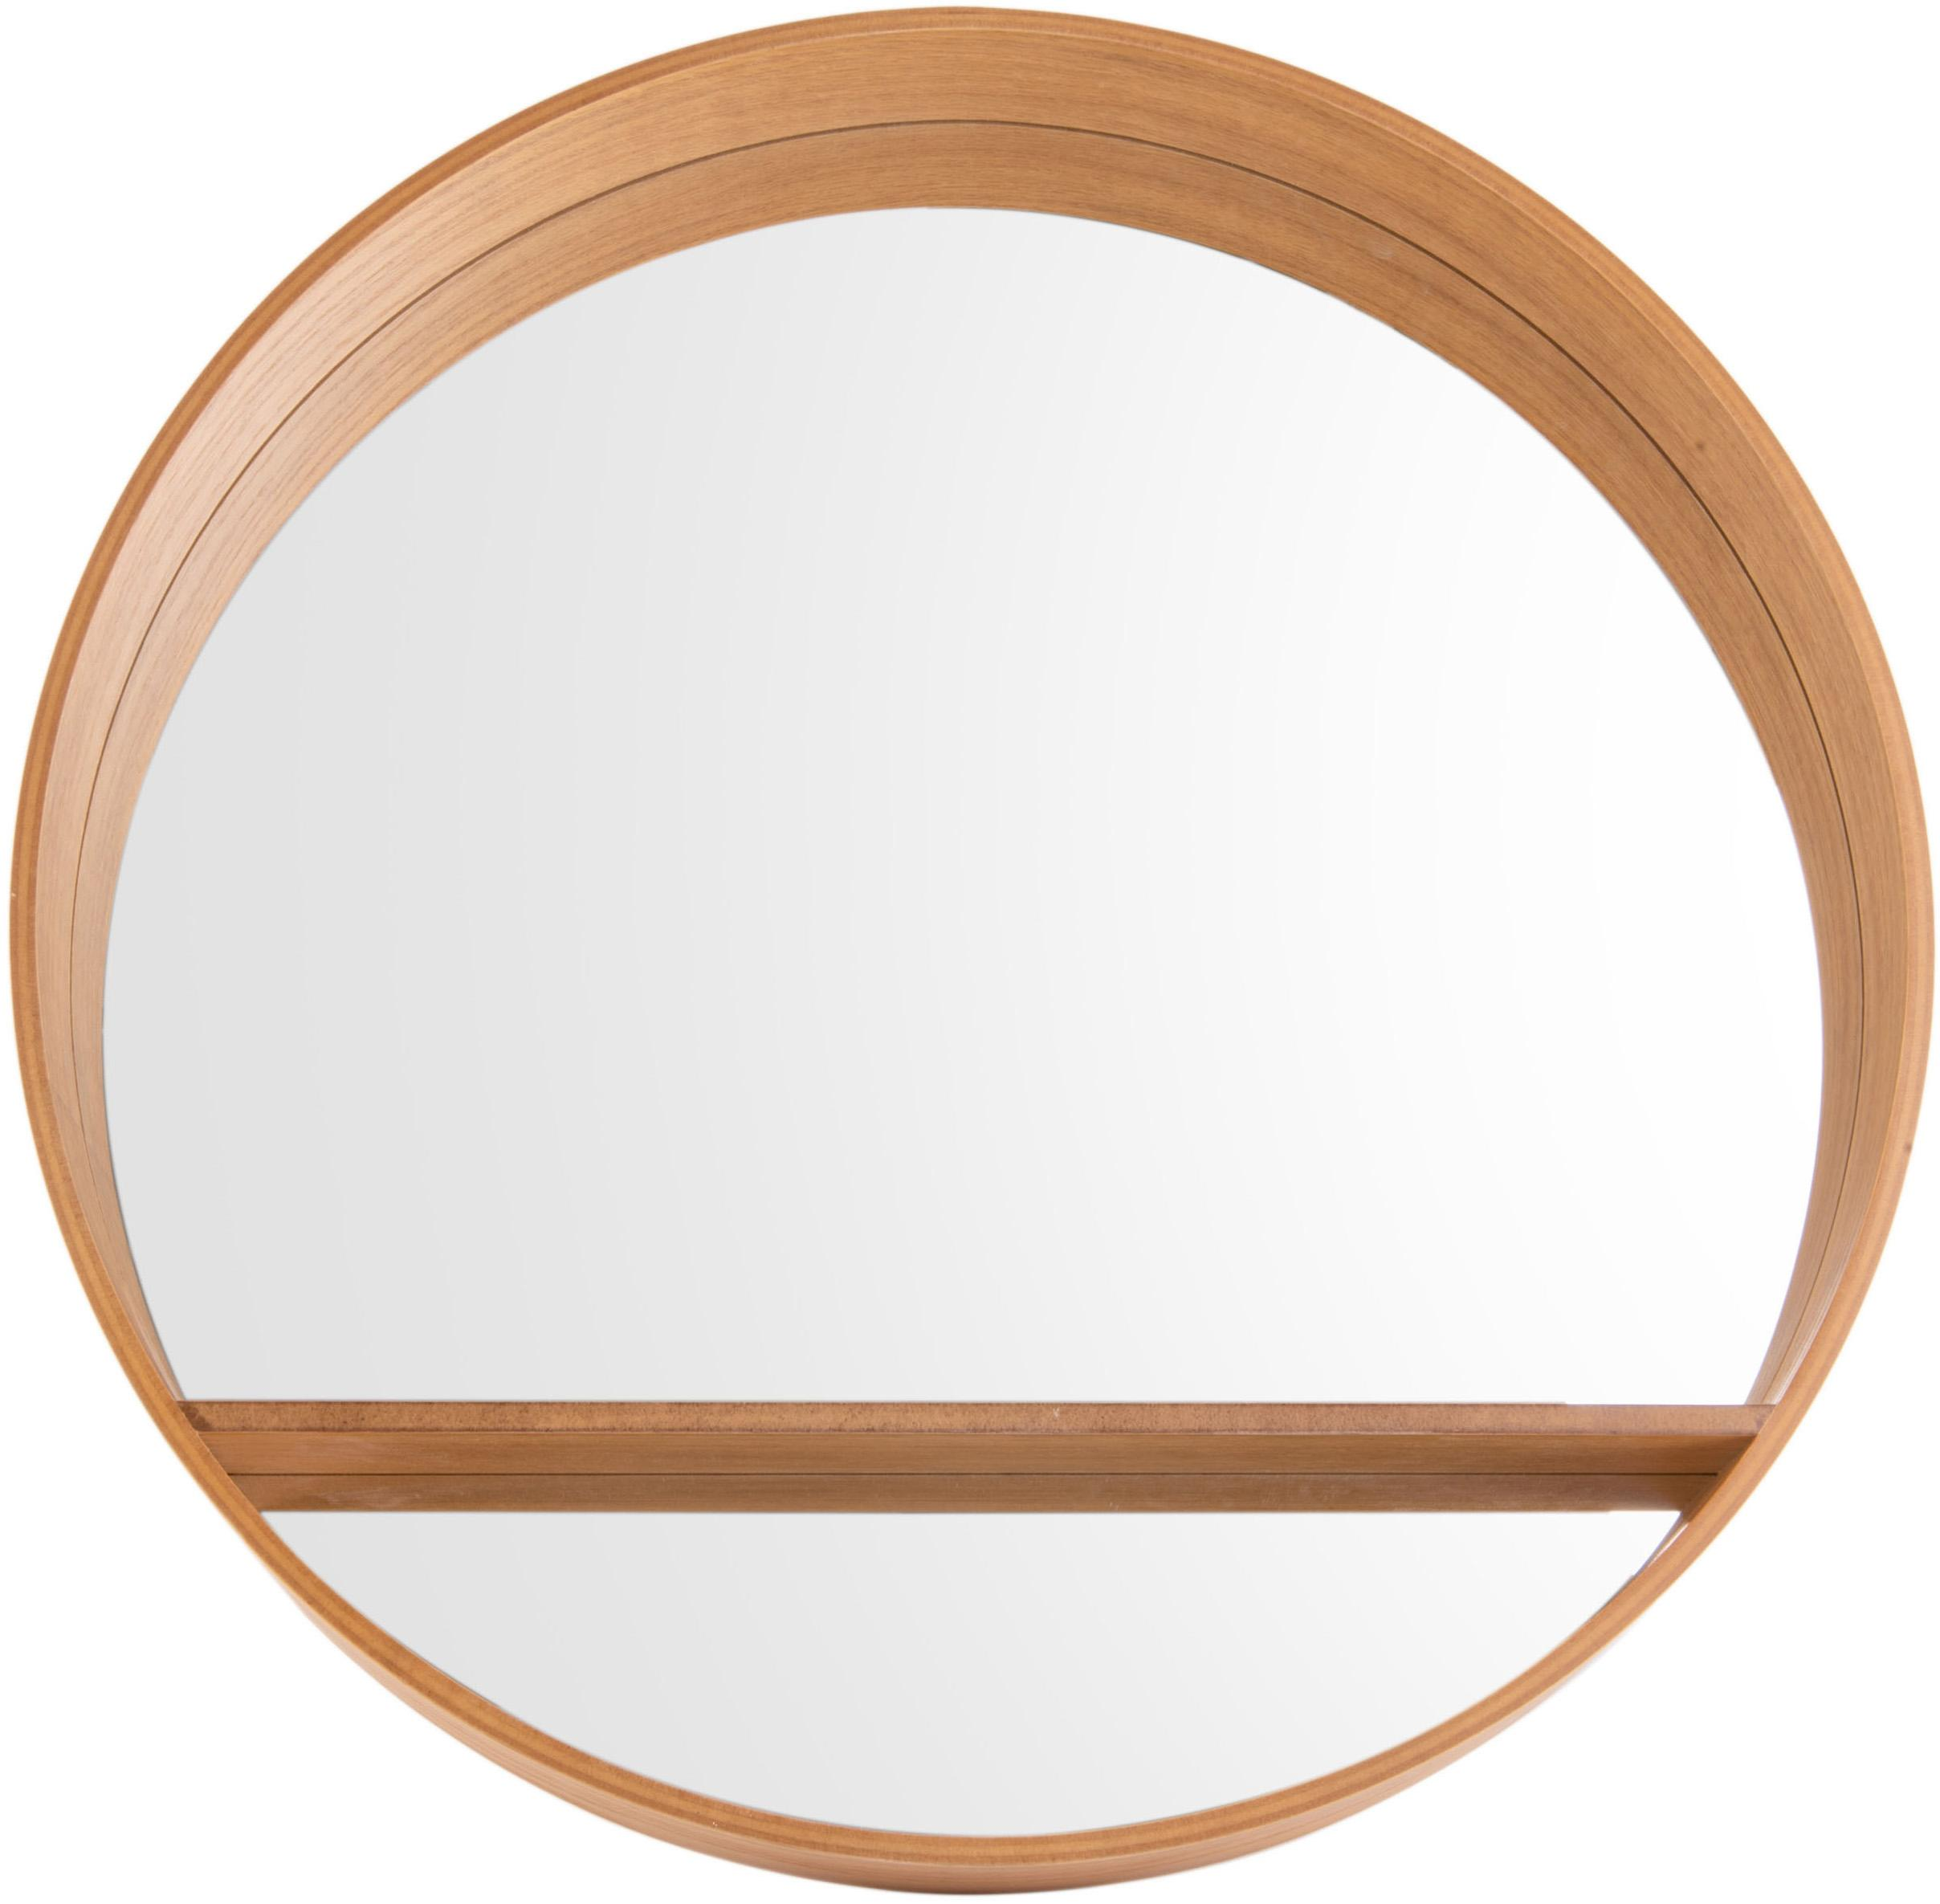 Wandspiegel Sheer, Spiegelfläche: Spiegelglas, Braun, Ø 61 cm